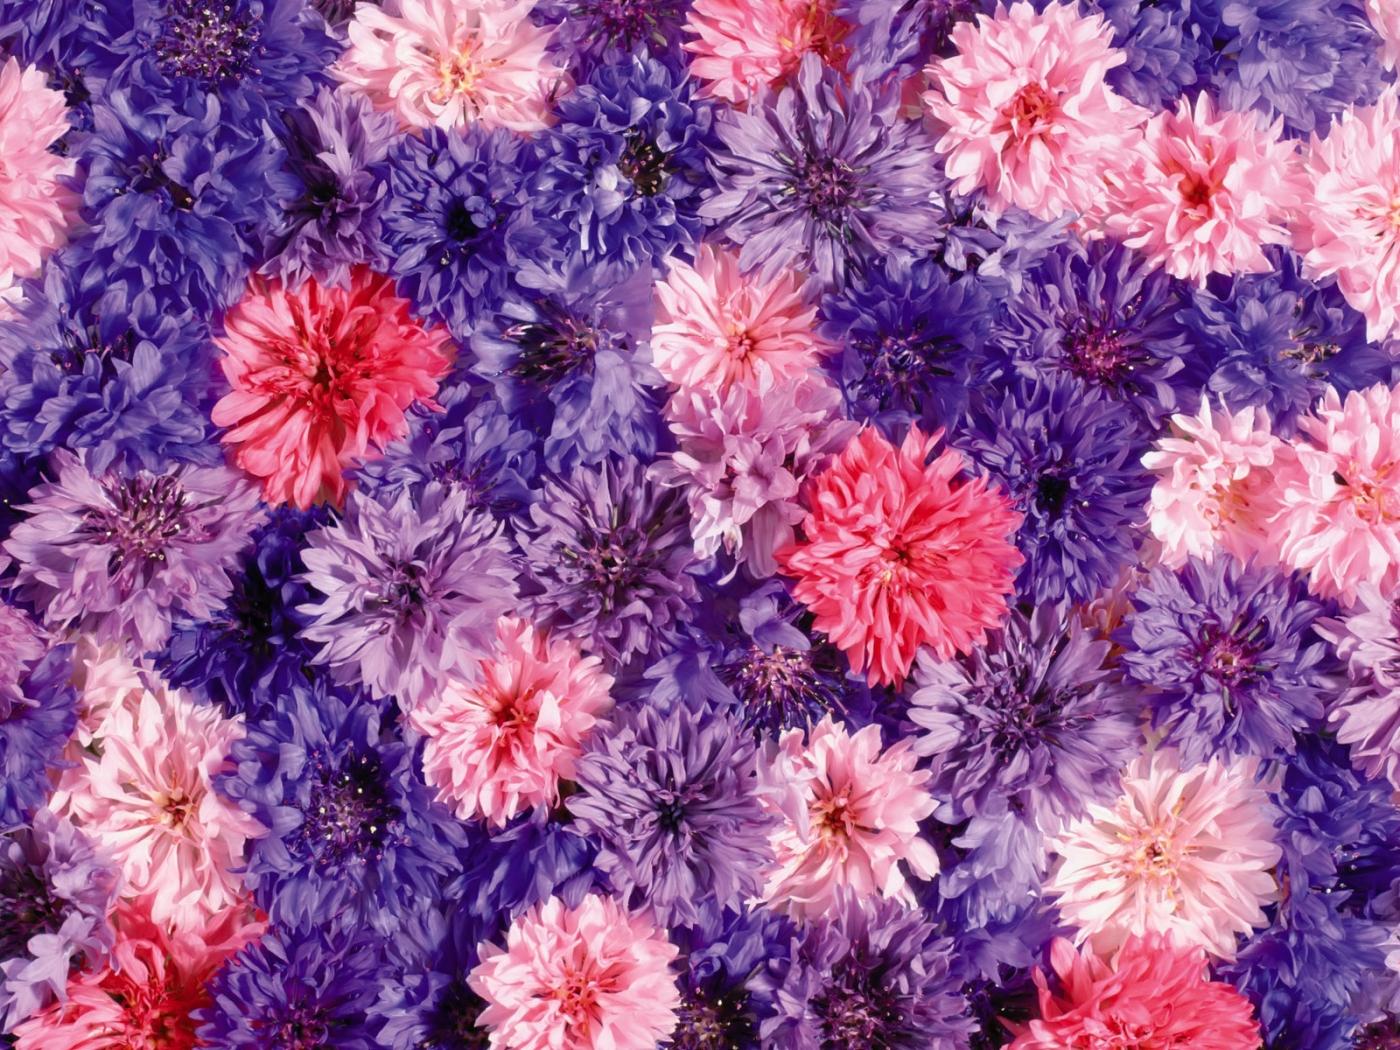 32366 скачать Фиолетовые обои на телефон бесплатно, Растения, Цветы Фиолетовые картинки и заставки на мобильный